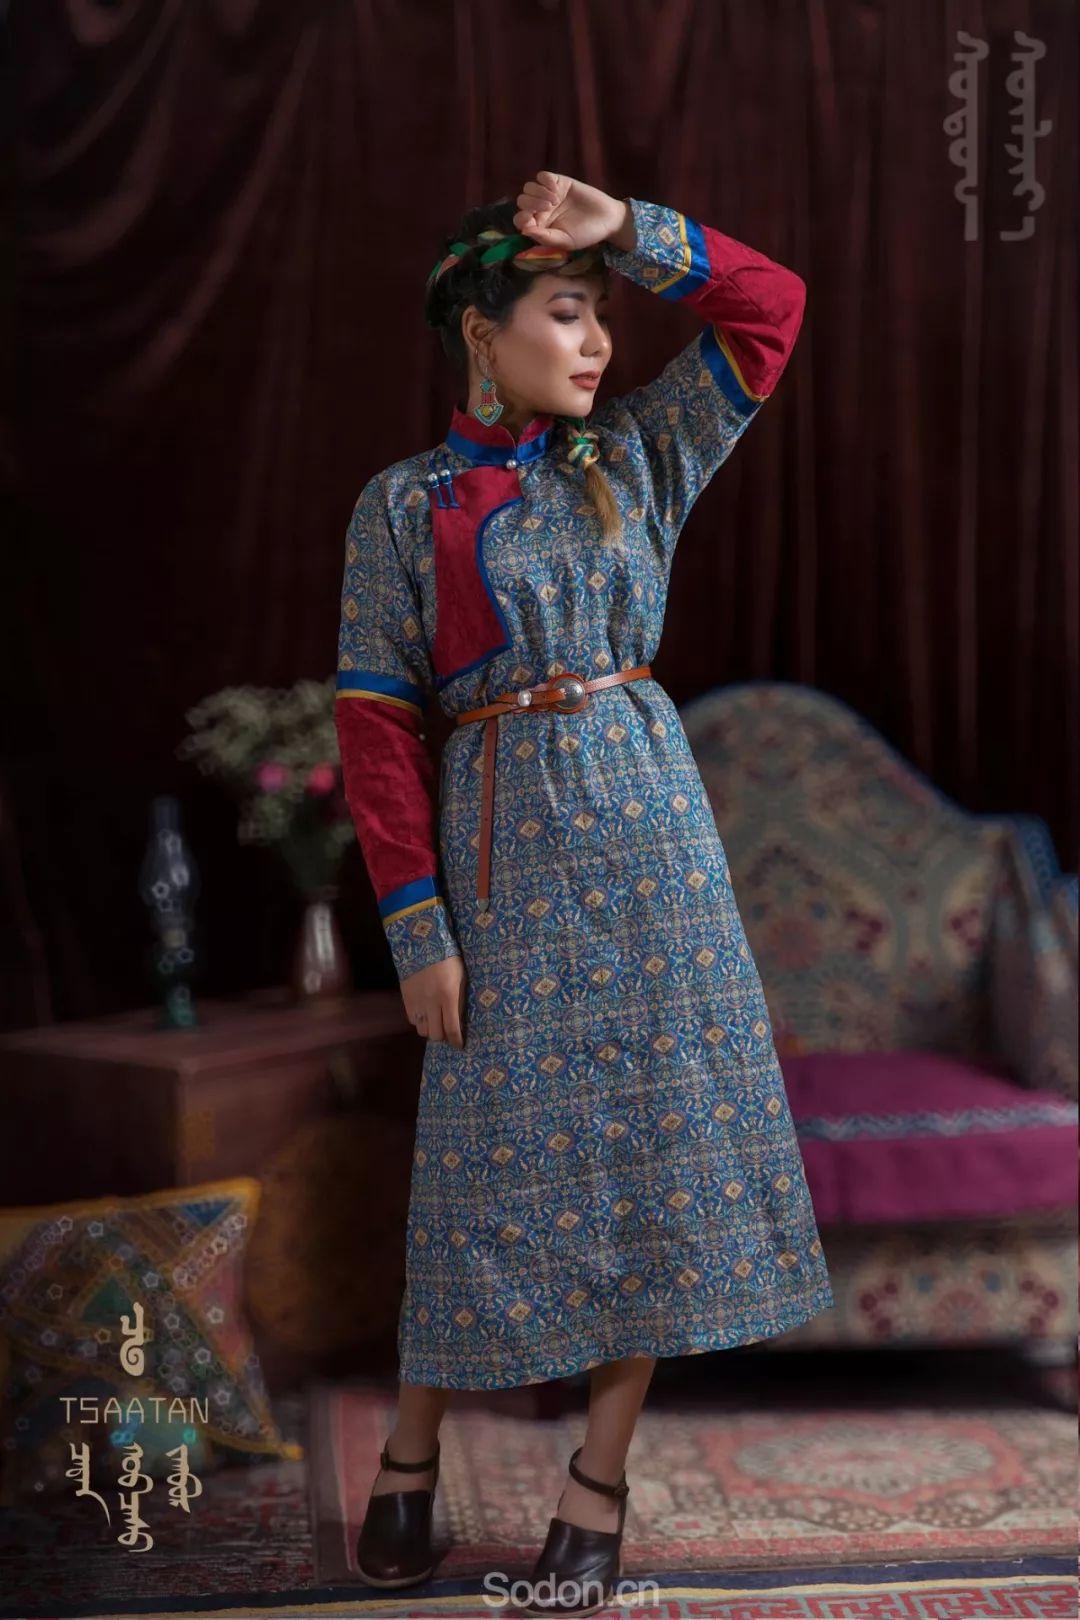 TSAATAN蒙古时装 2019新款,来自驯鹿人的独特魅力! 第91张